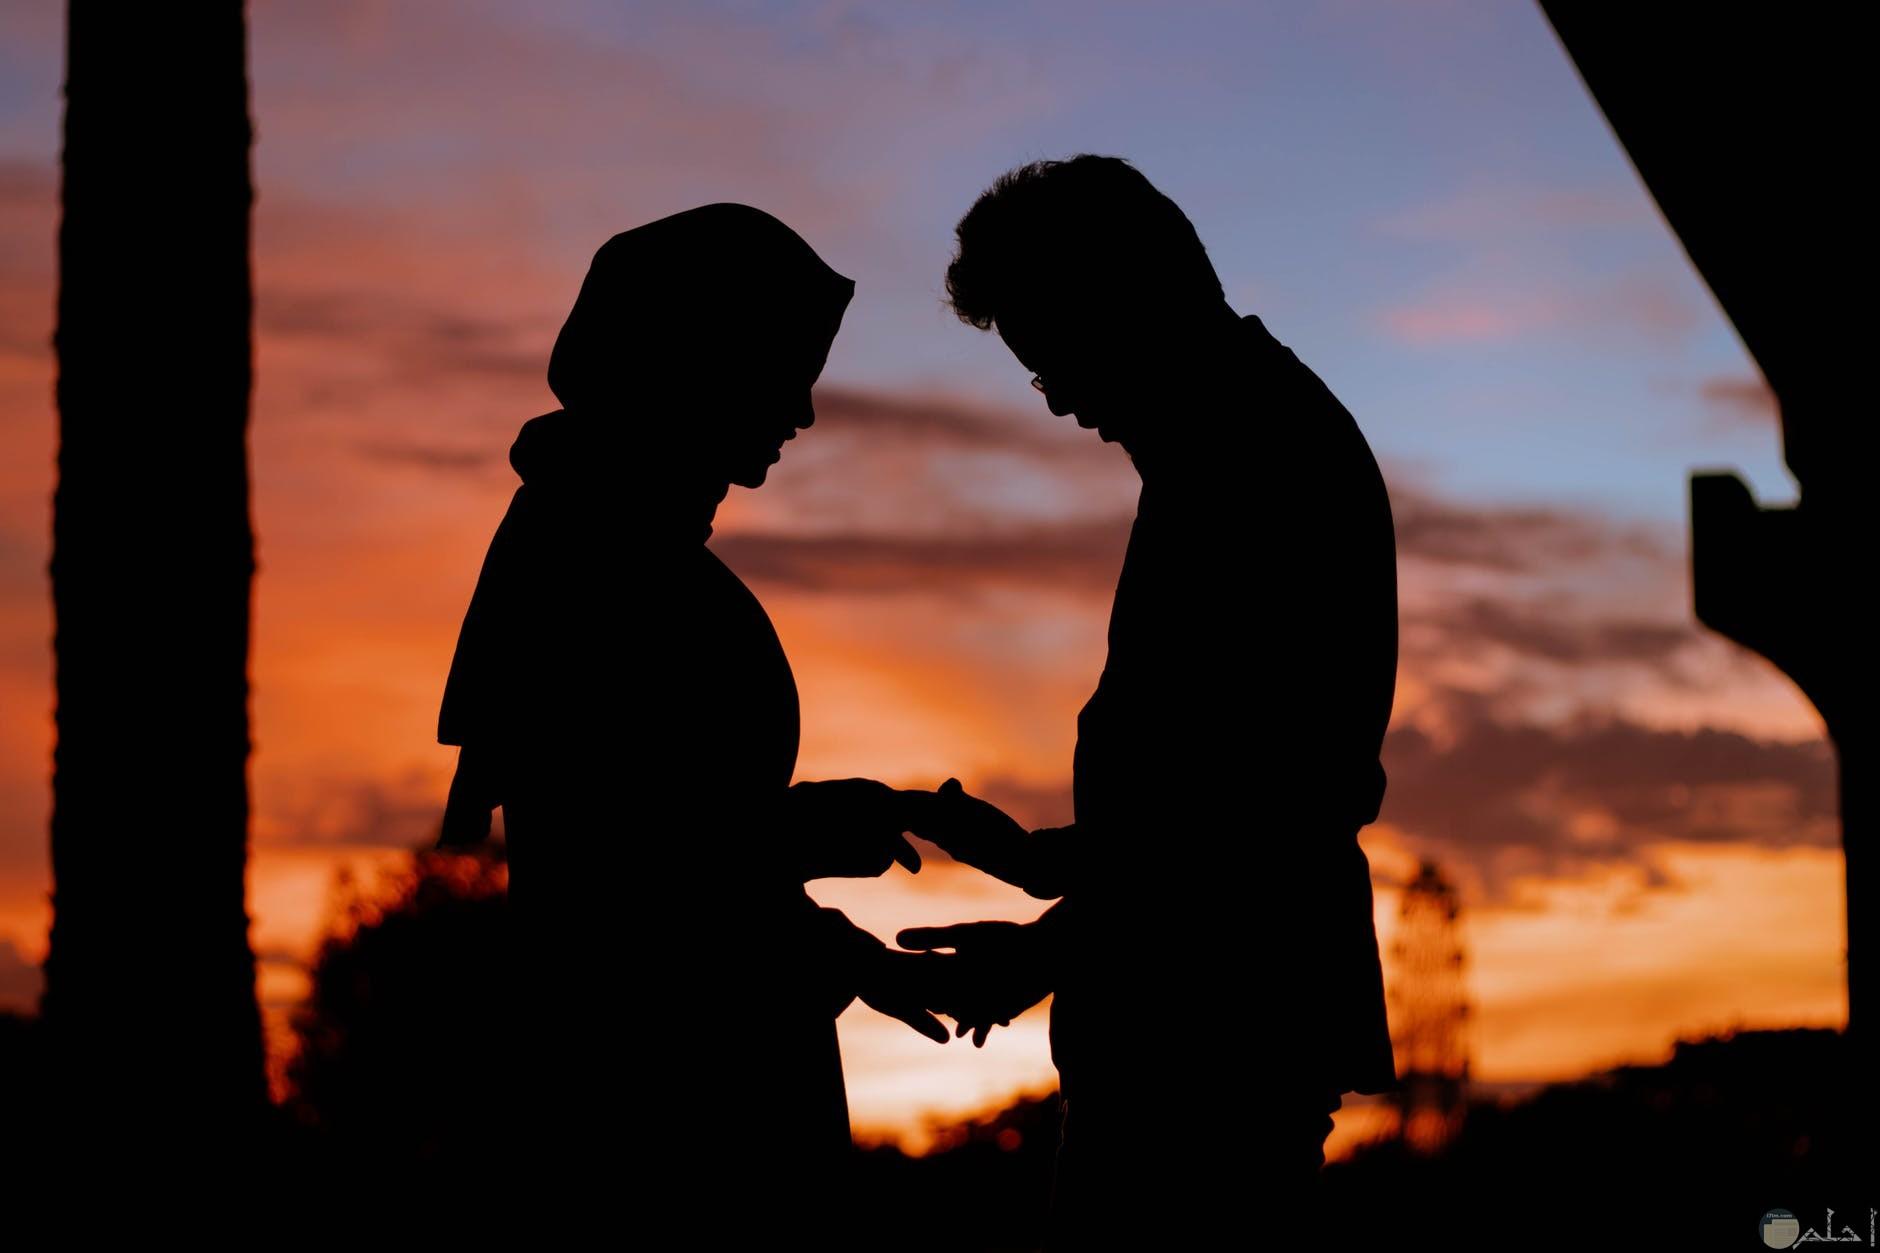 صور حب رومانسية وقت الغروب